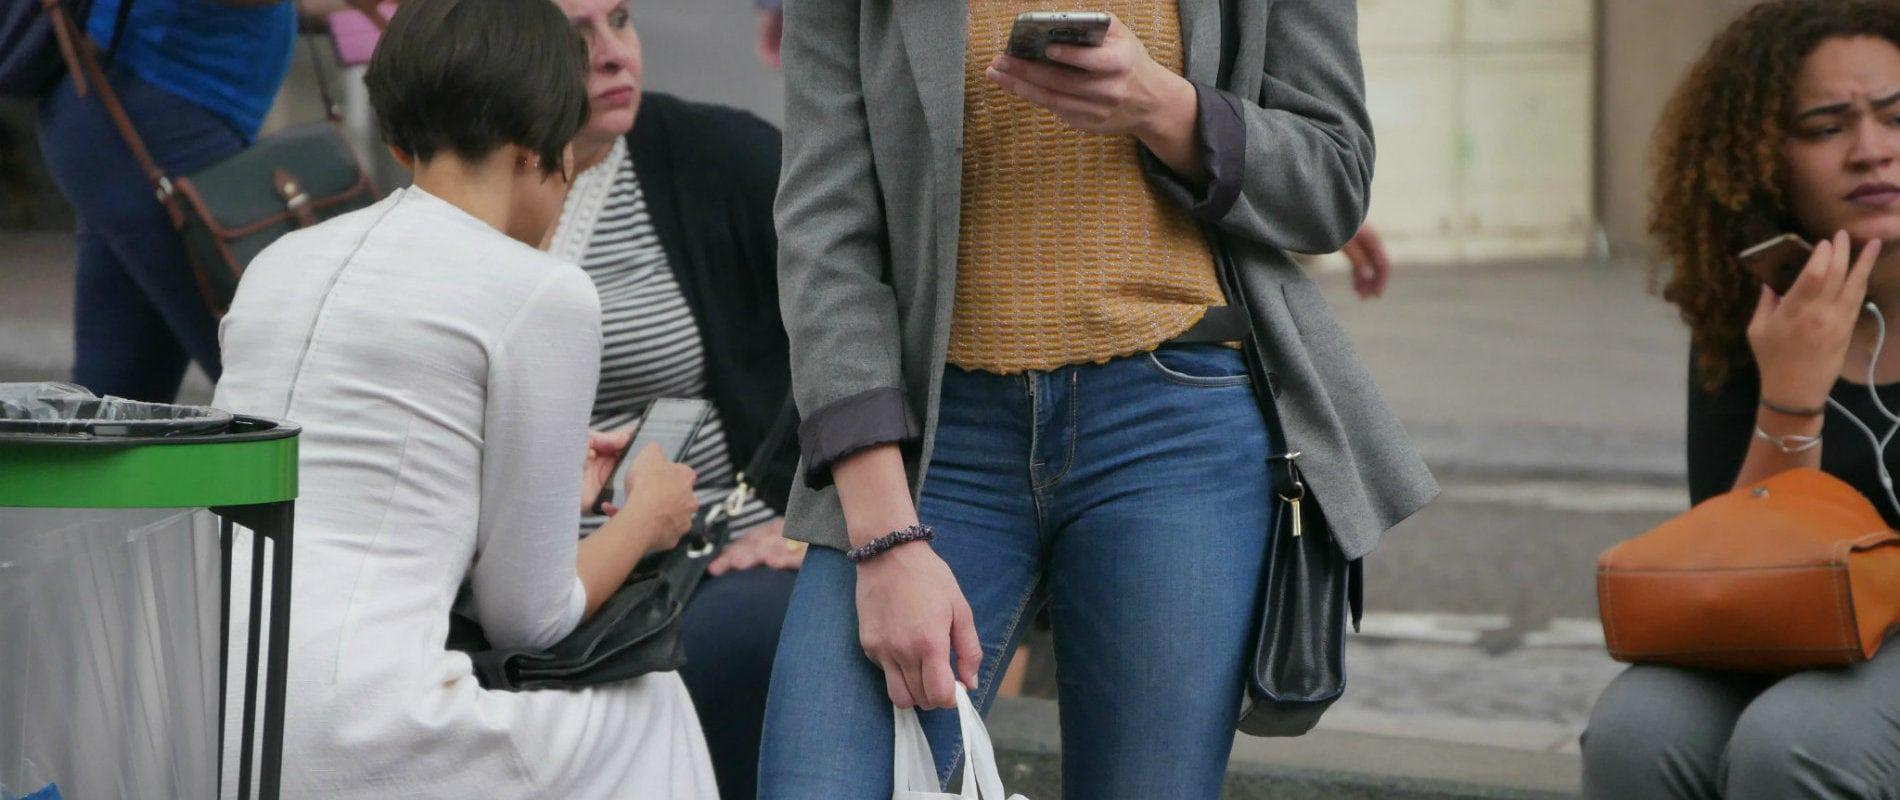 Mauvaises expériences de rencontres en ligne